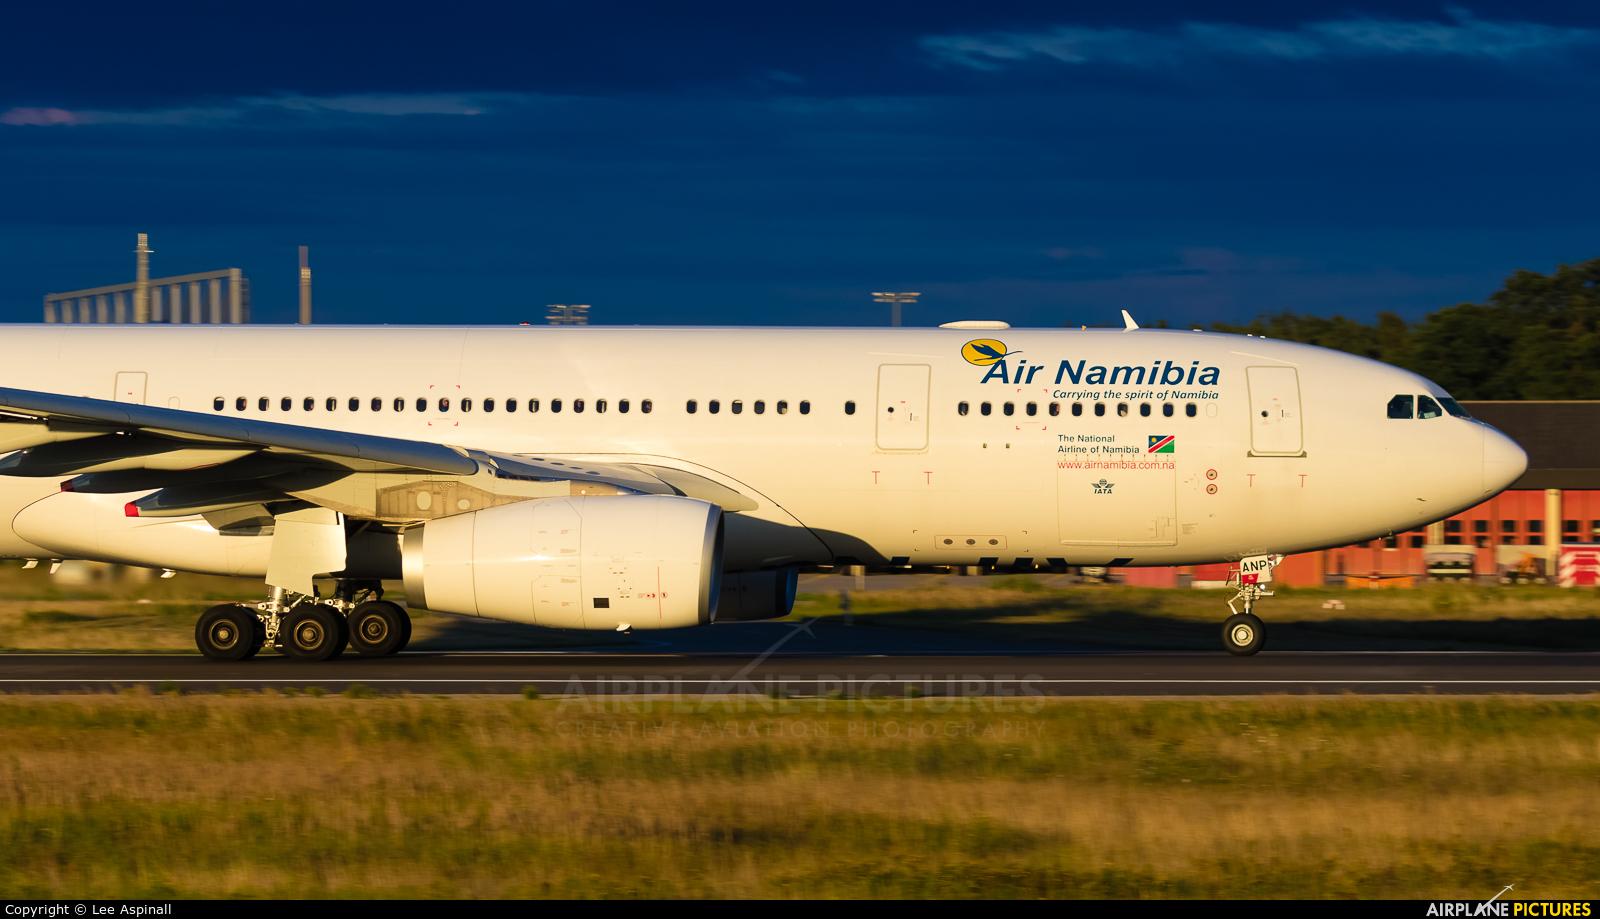 Air Namibia V5-ANP aircraft at Frankfurt